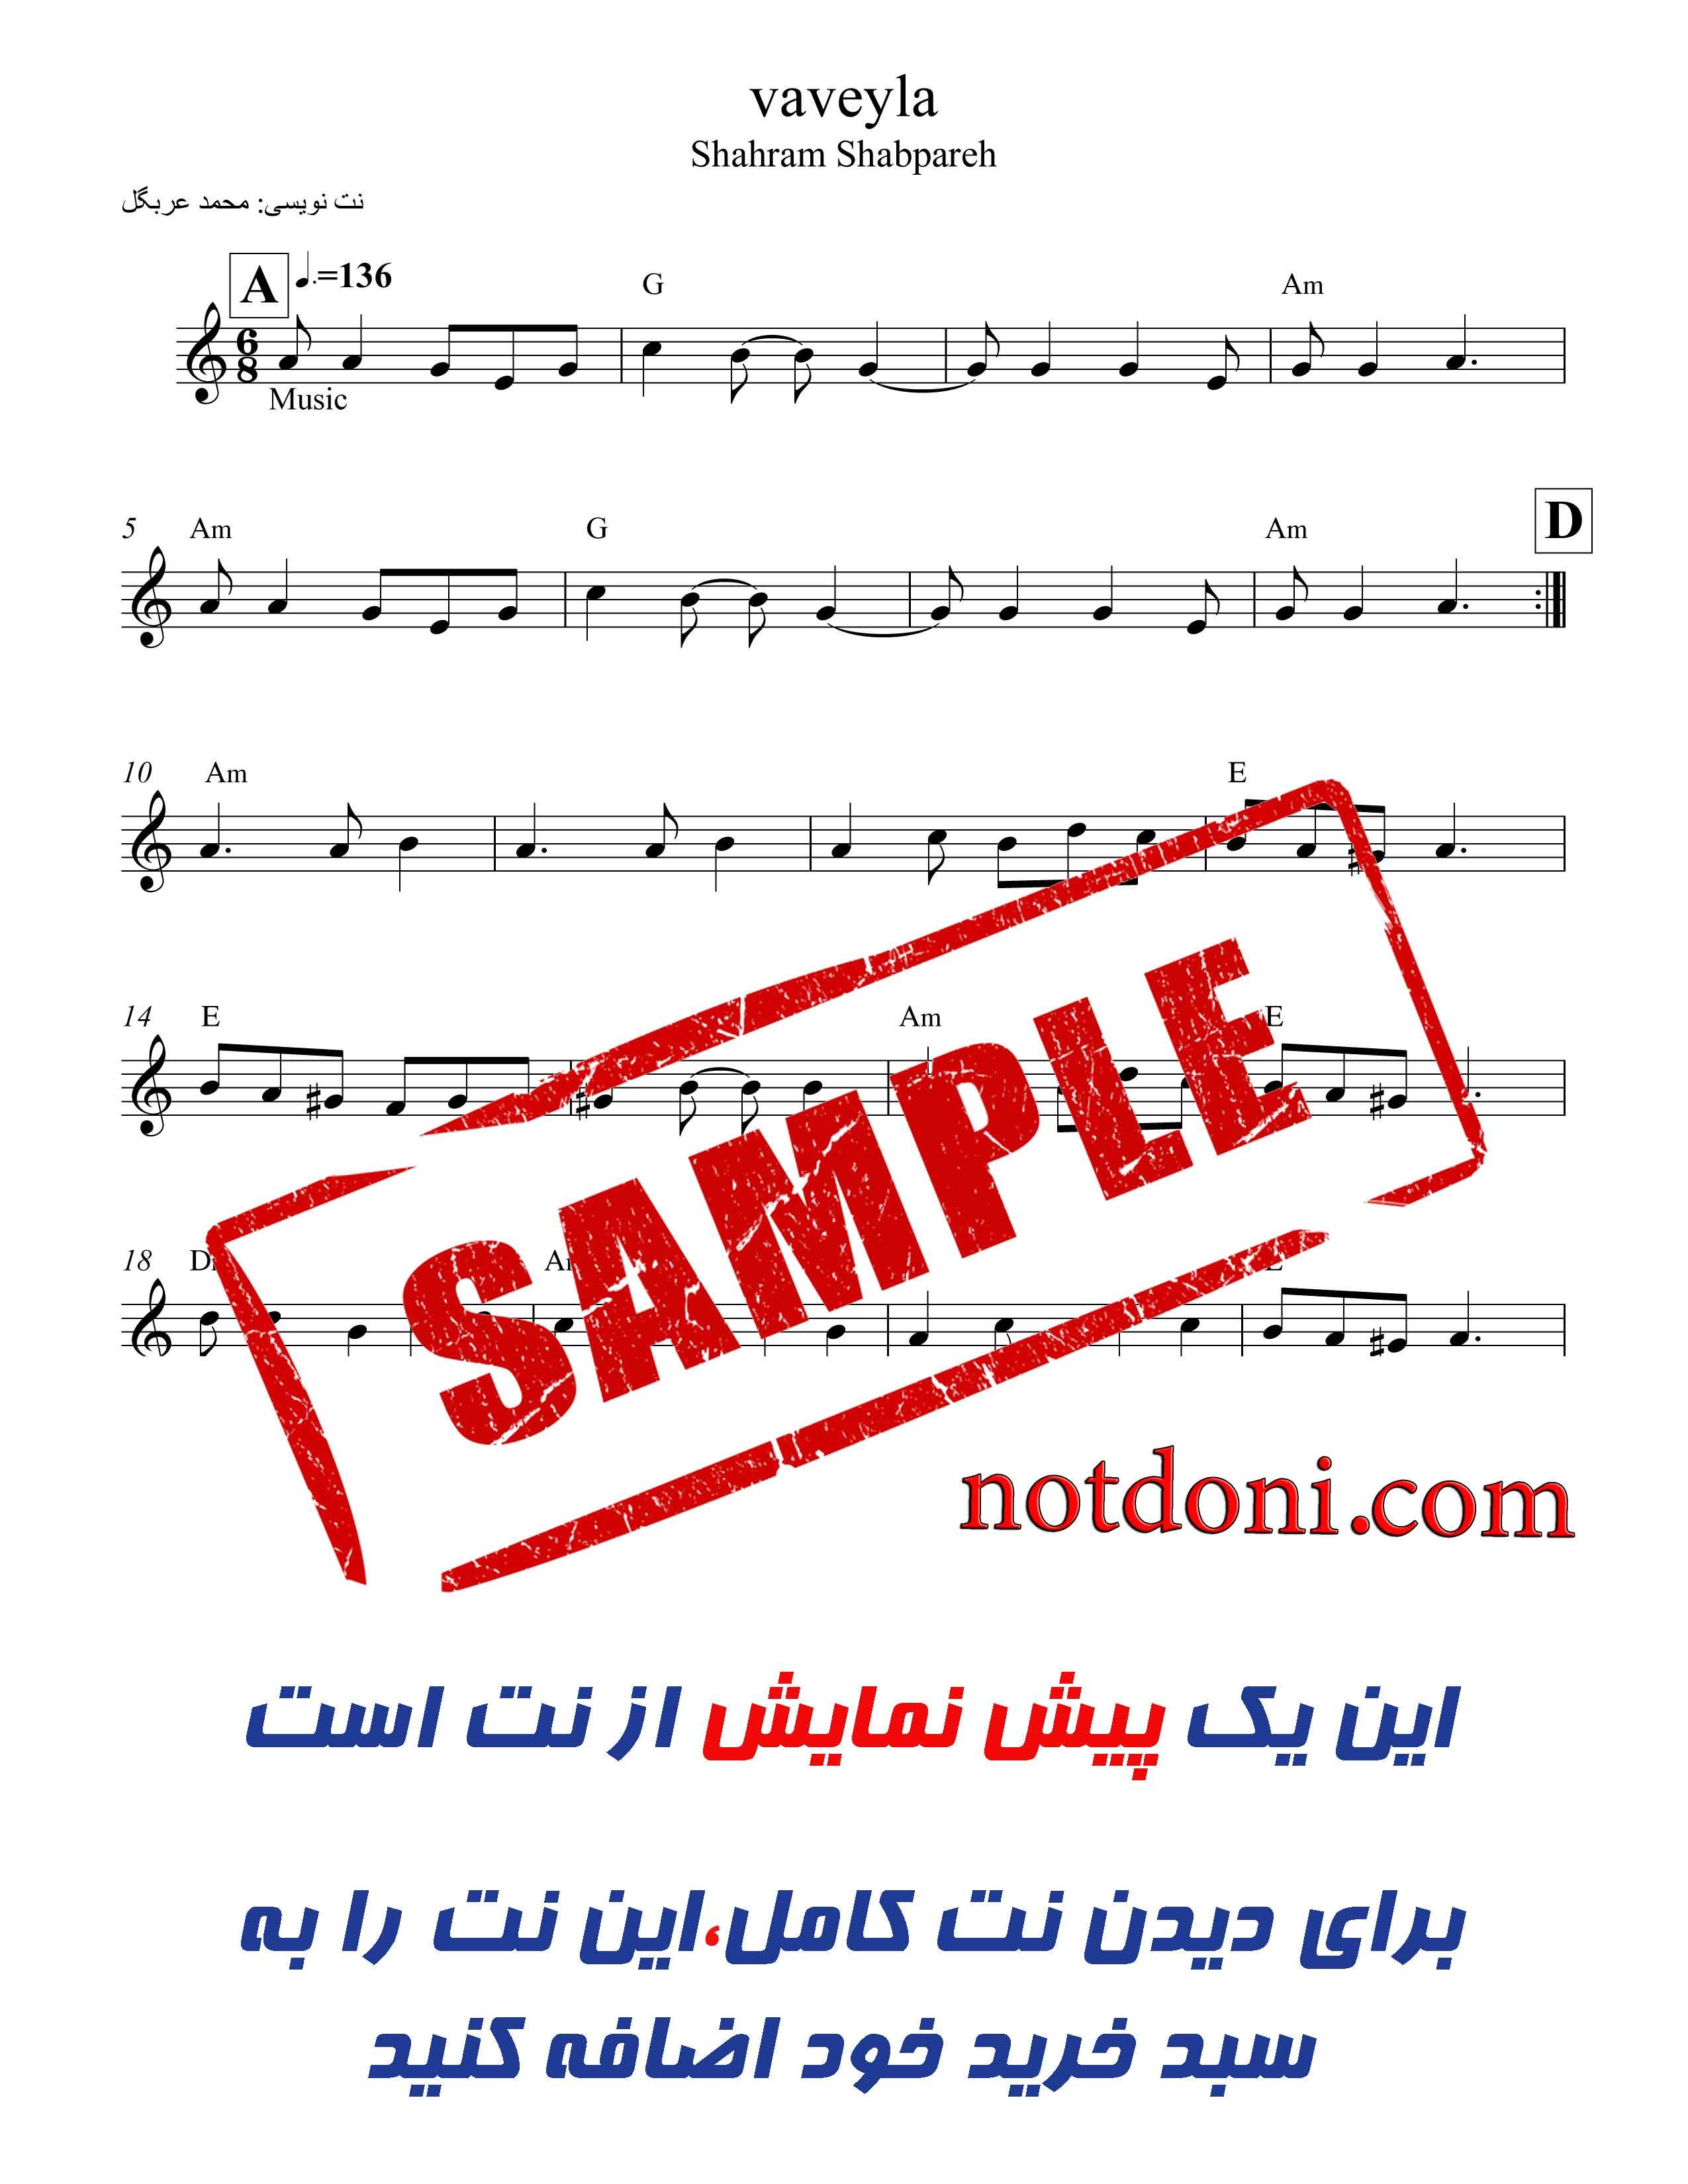 1a6f5237-a191-4615-b0a1-62540262ae68_دموی-آهنگ-واویلا.jpg